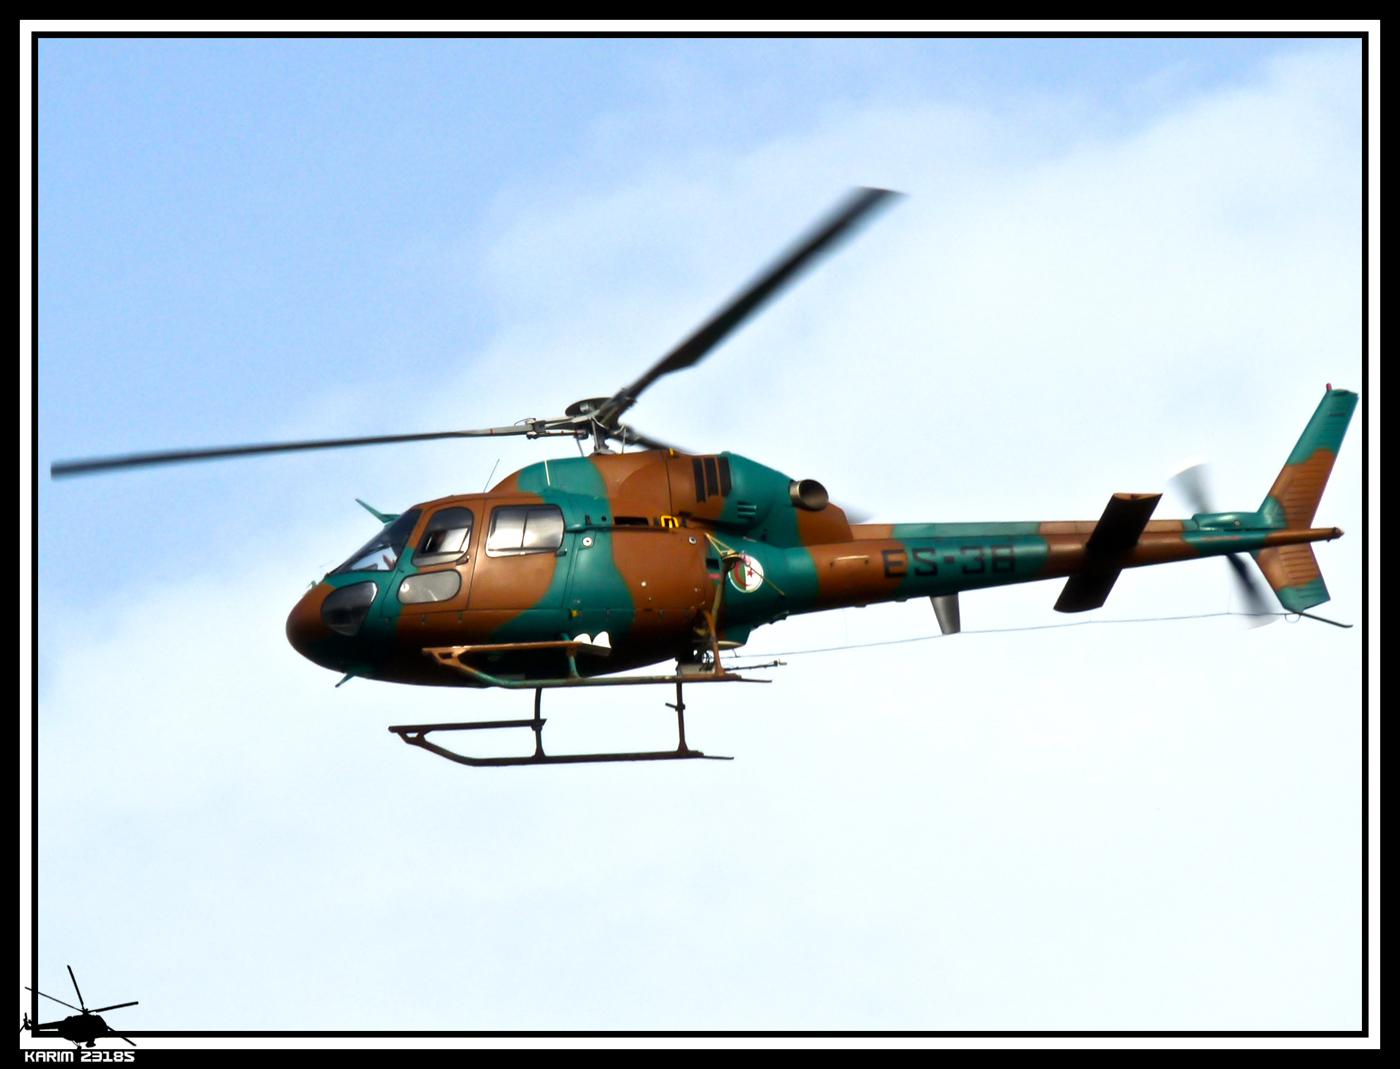 صور مروحيات القوات الجوية الجزائرية Ecureuil/Fennec ] AS-355N2 / AS-555N ] - صفحة 6 26869422403_324641df47_o